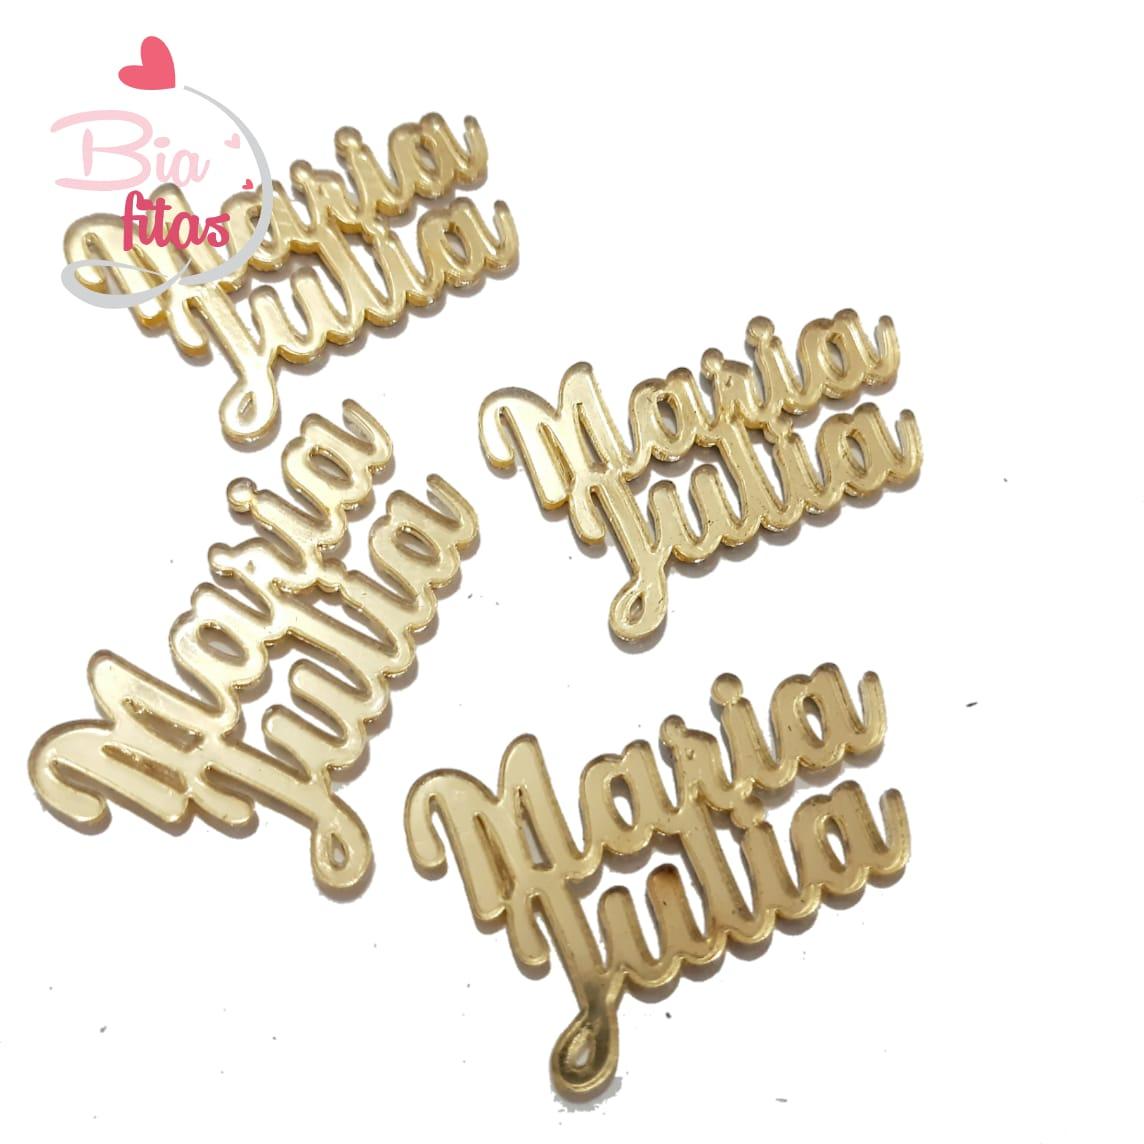 Nome Composto em Acrilico Dourado Espelhado - Maria Julia